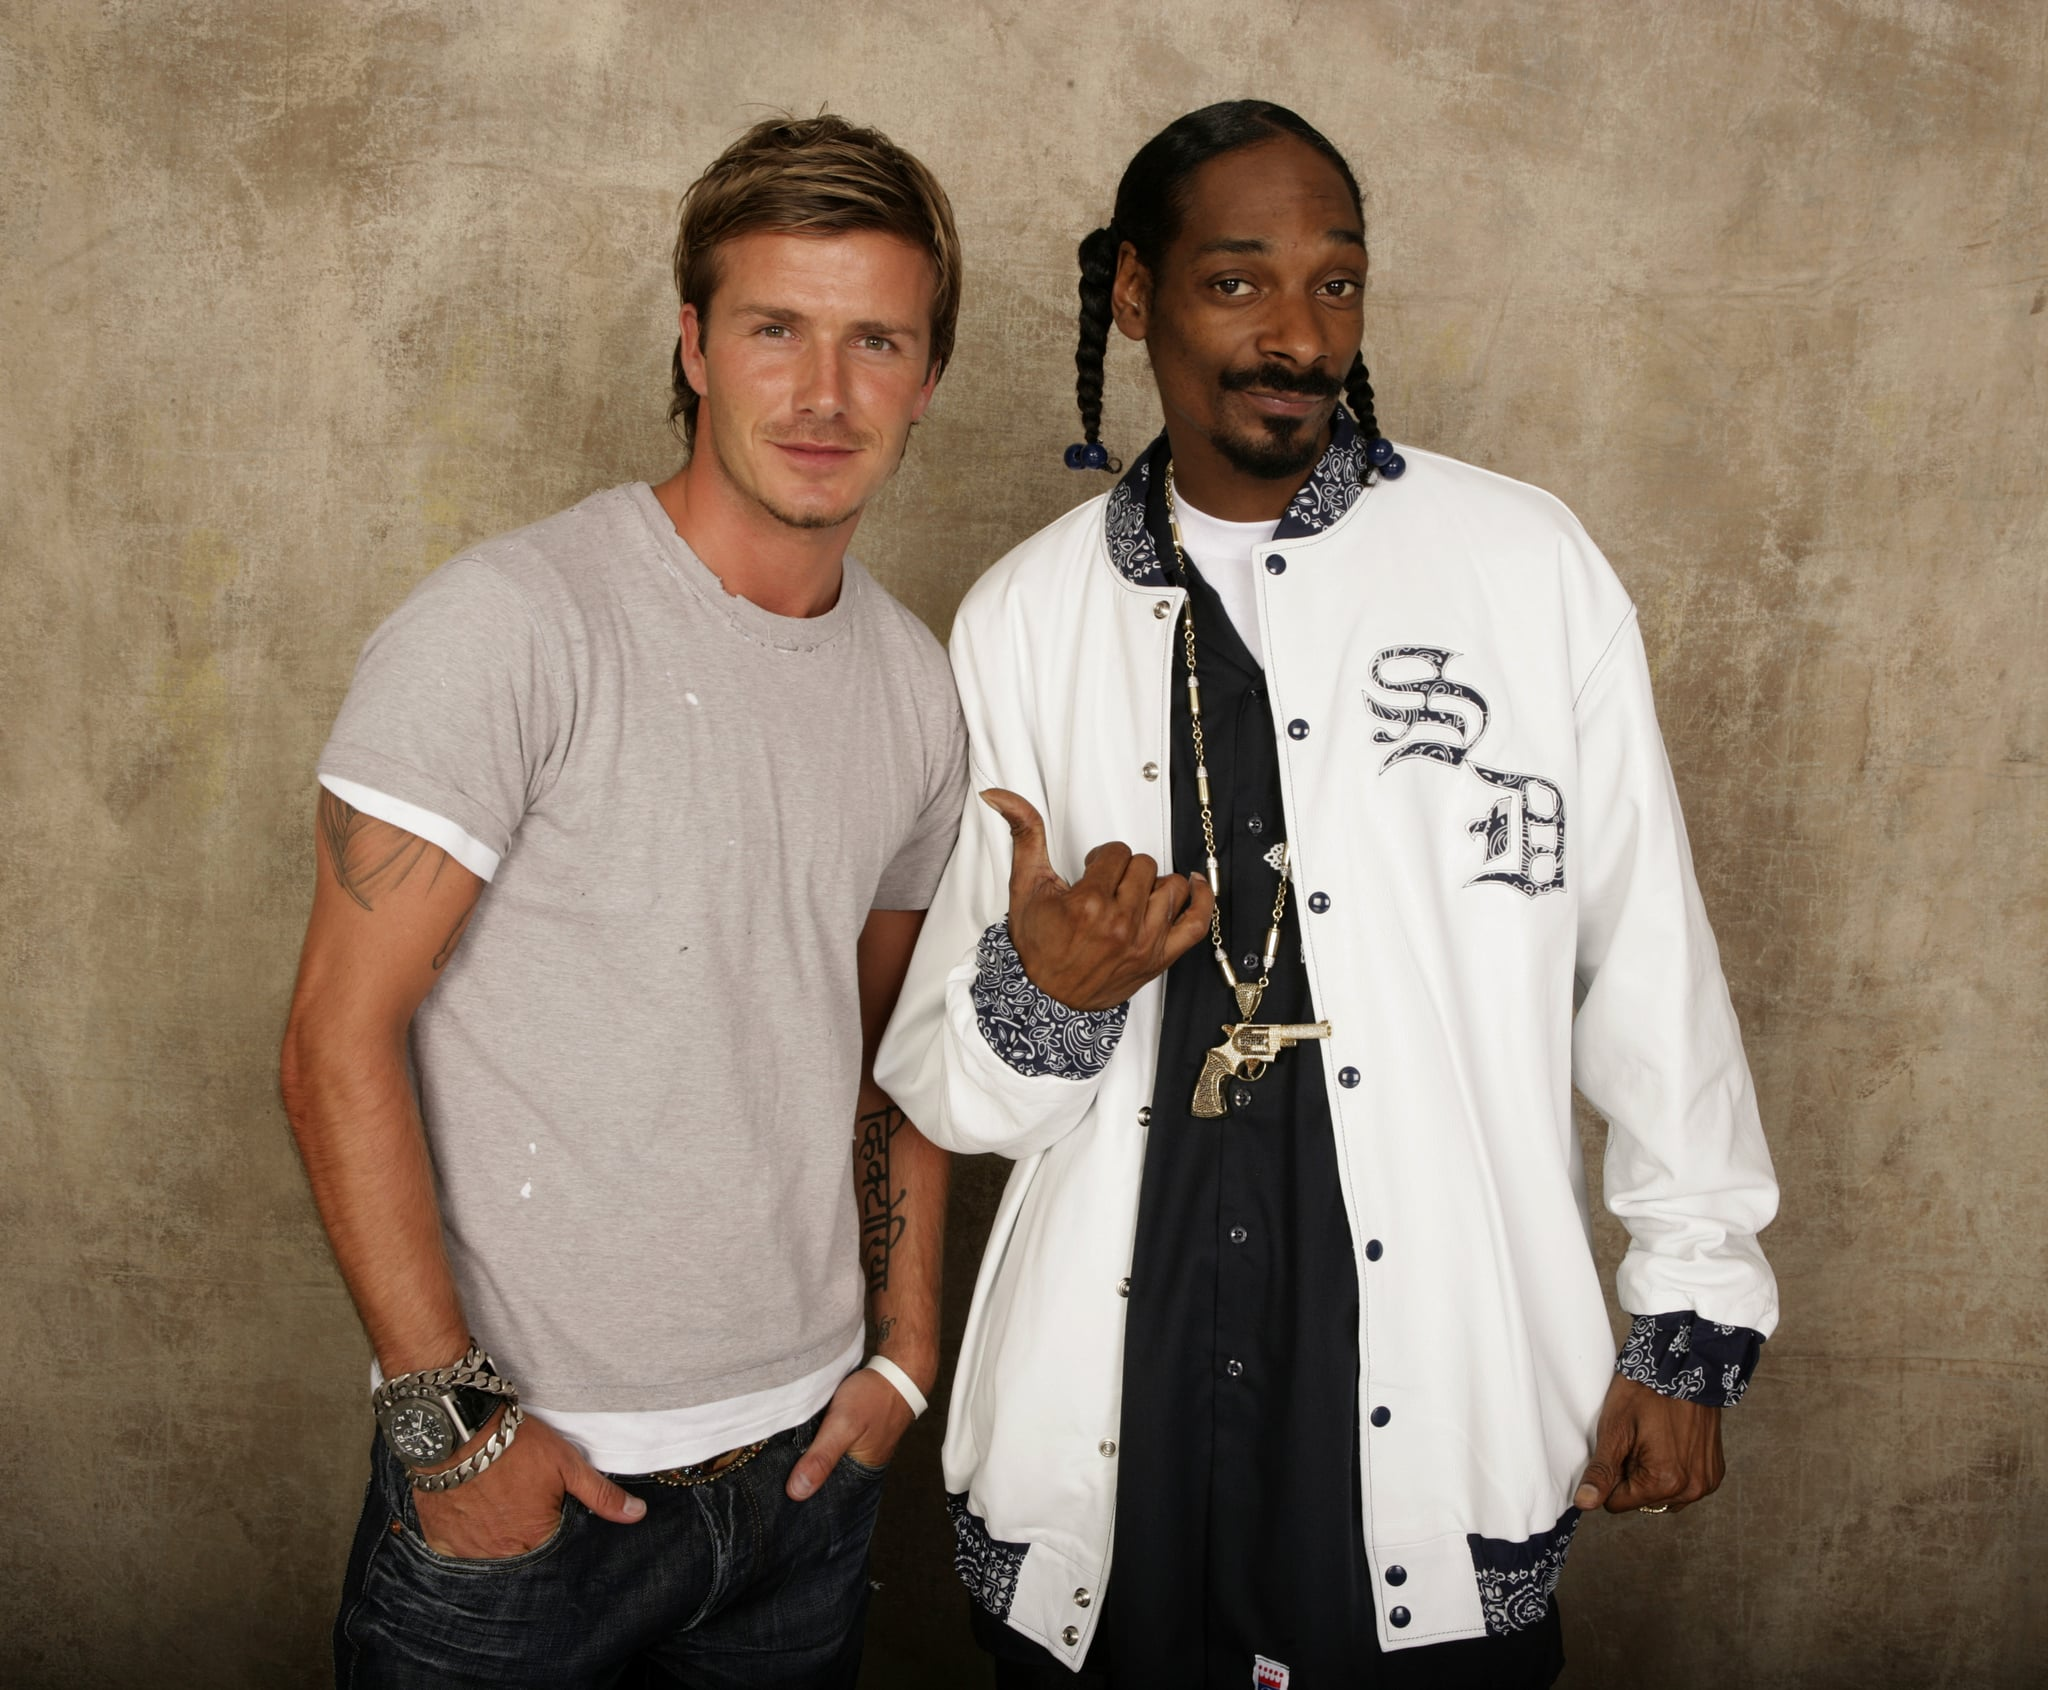 David Beckham and Snoop Dogg